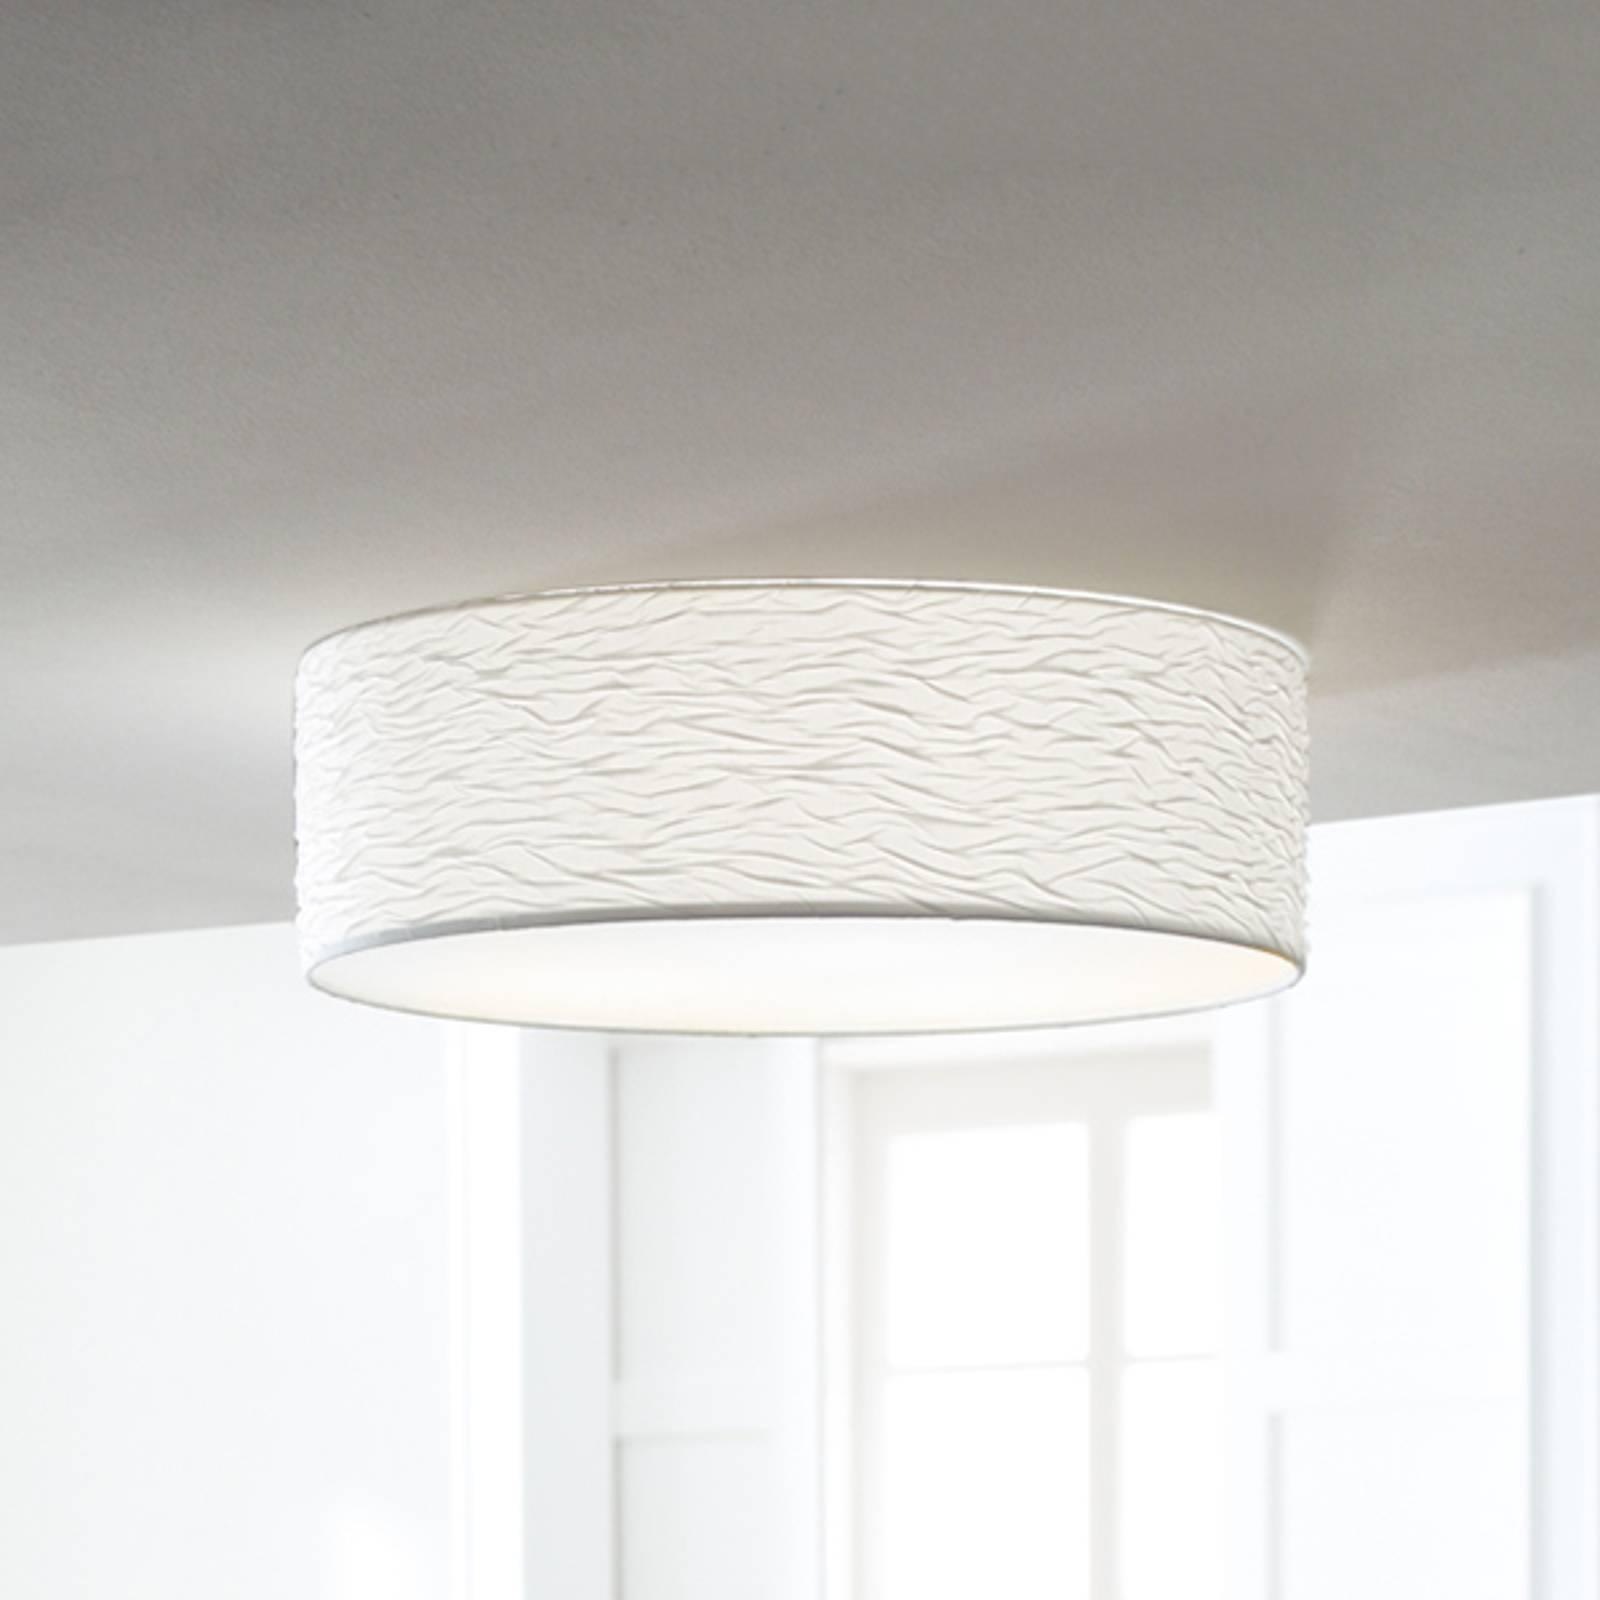 Biała lampa sufitowa Vita 3 z ładnymi falami